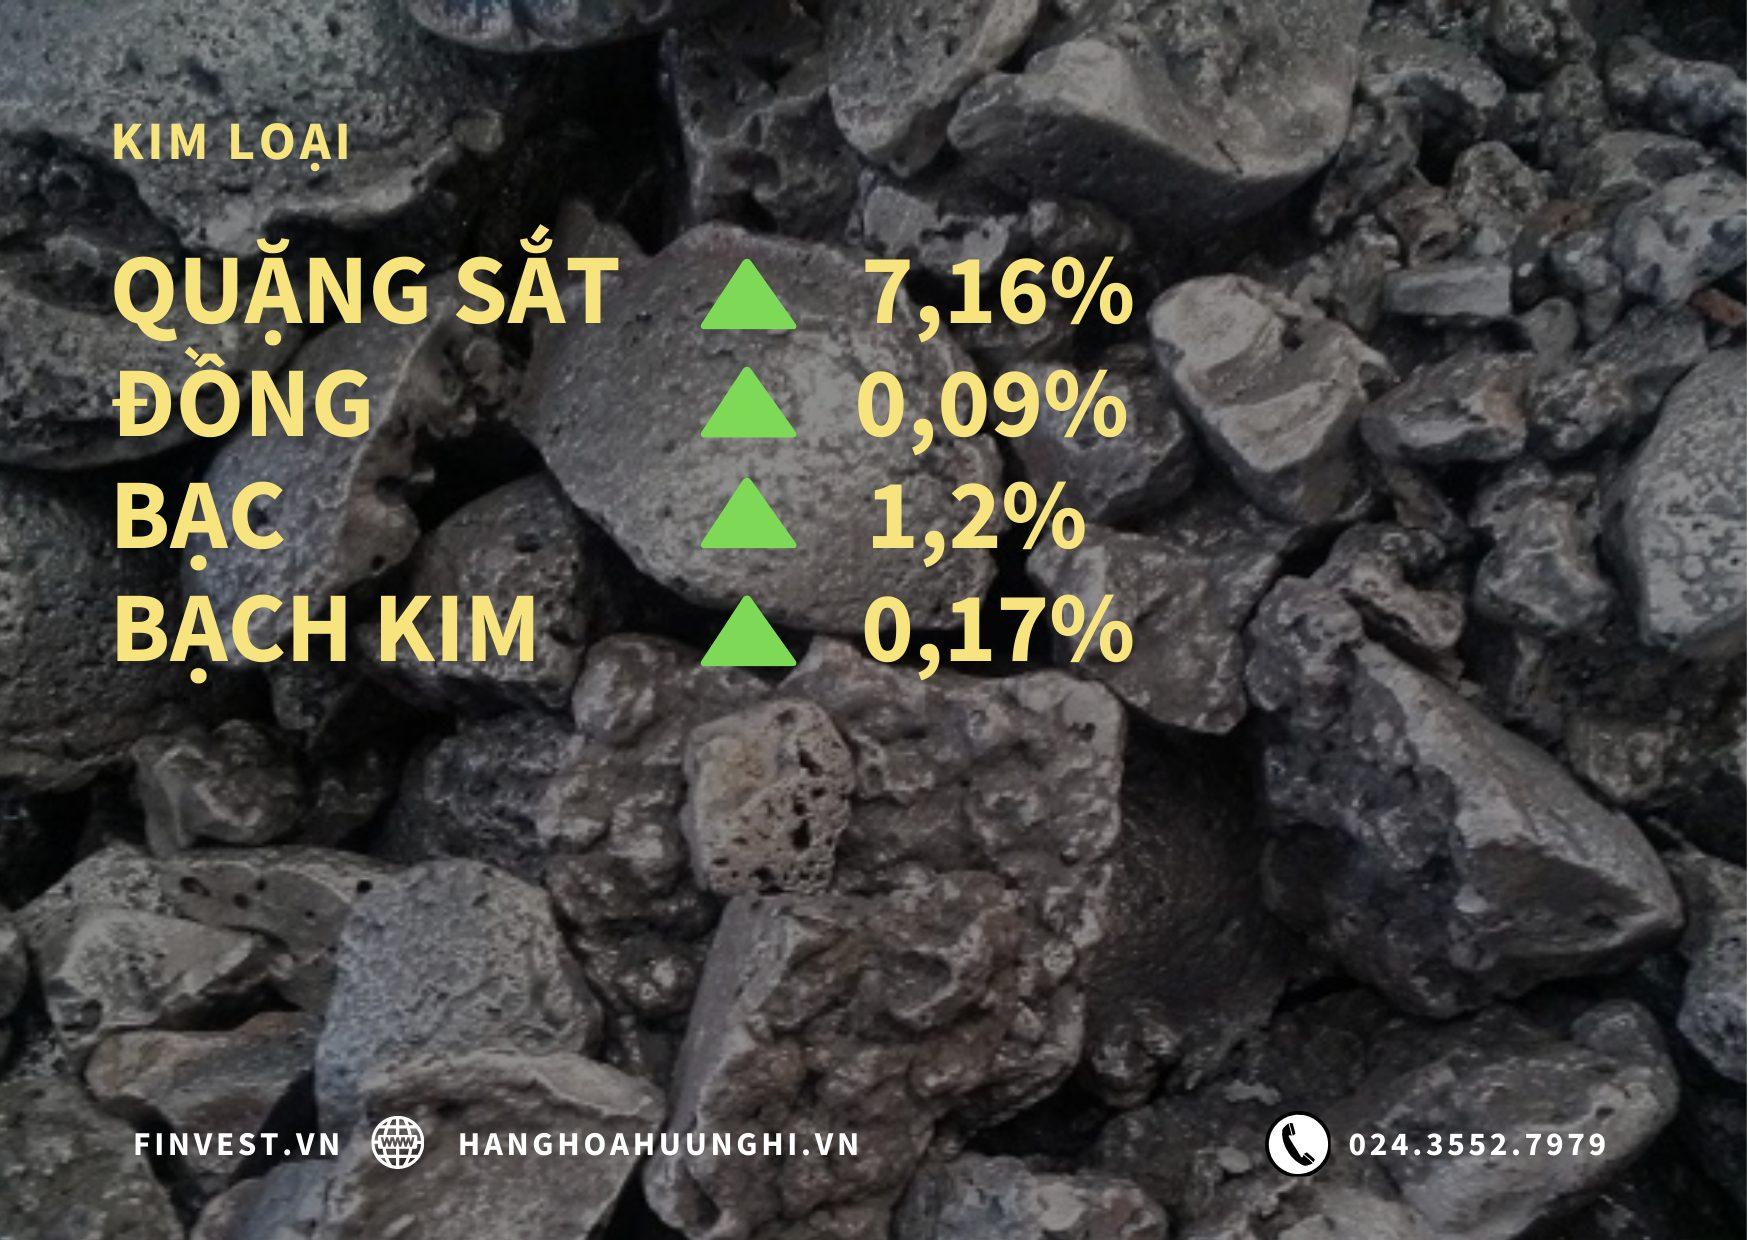 Các nhà đầu tư đang tích cực mua vào quặng sắt nhằm bắt đáy